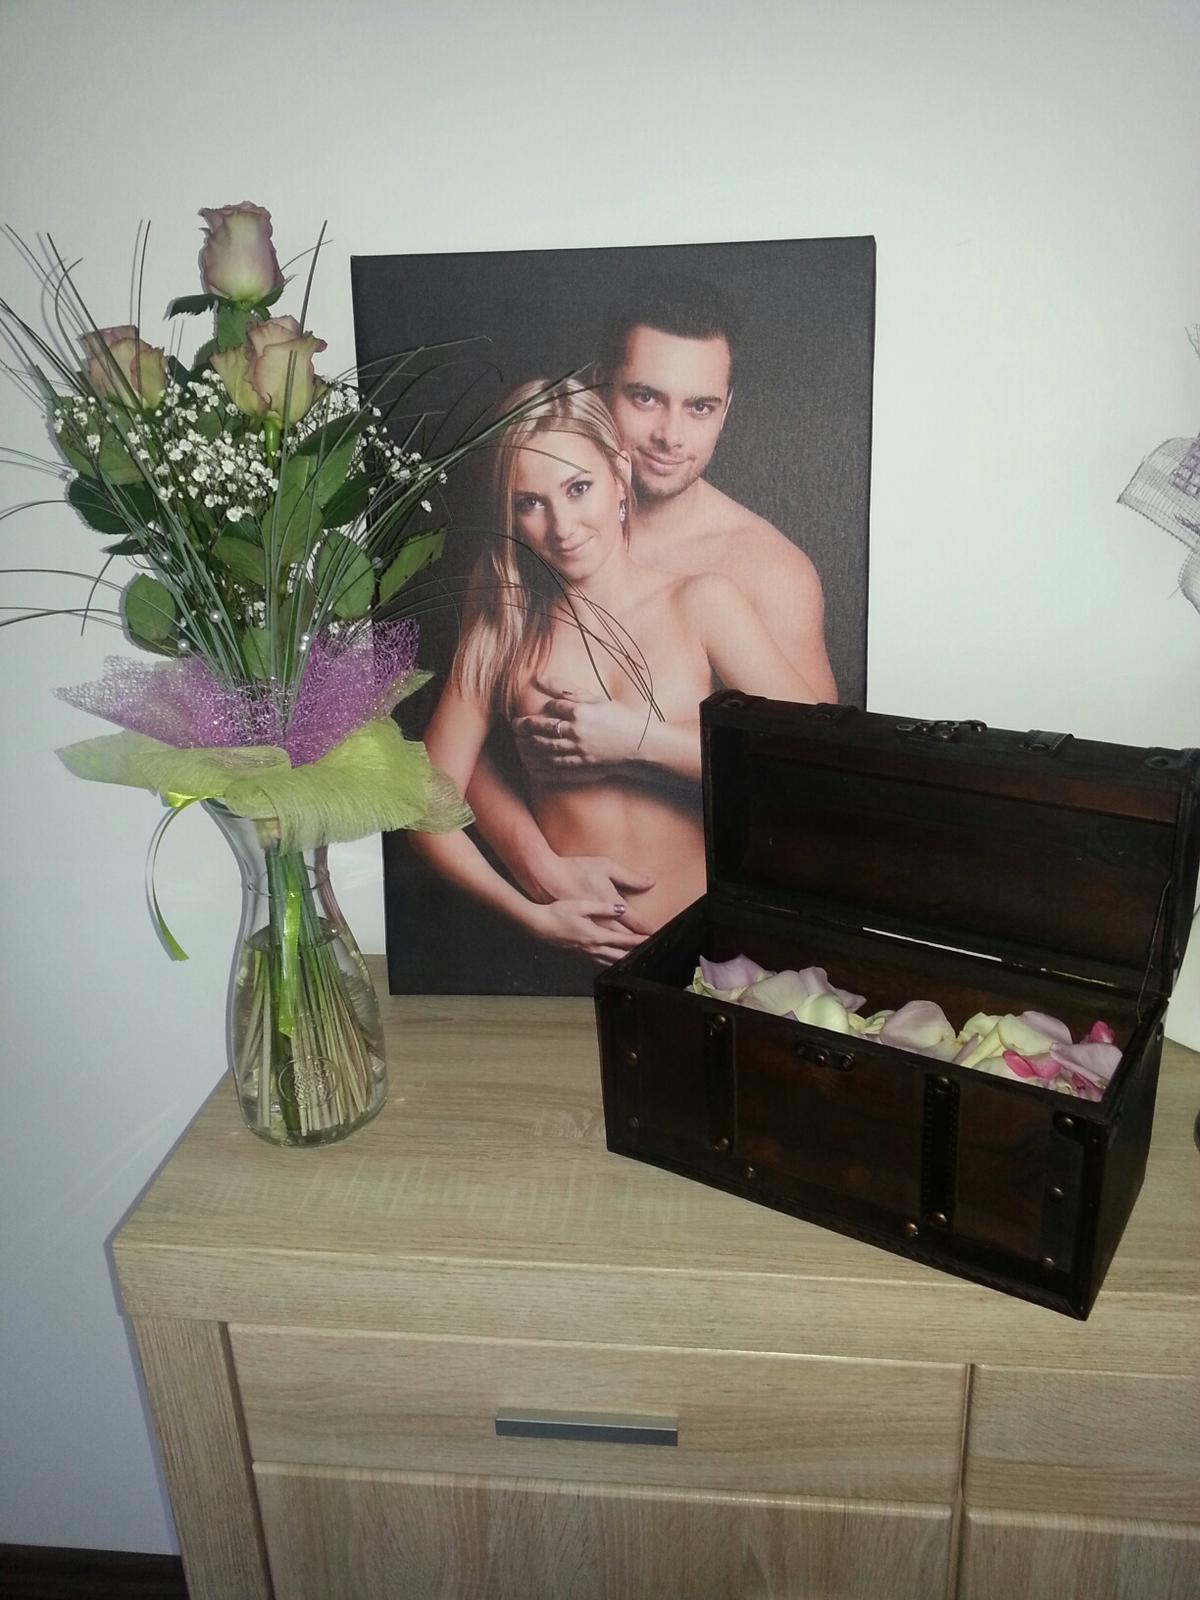 Zásnuby - Krásná kytička od lásky spolu s prstýnkem v truhle... Nádherný to bylo! :)